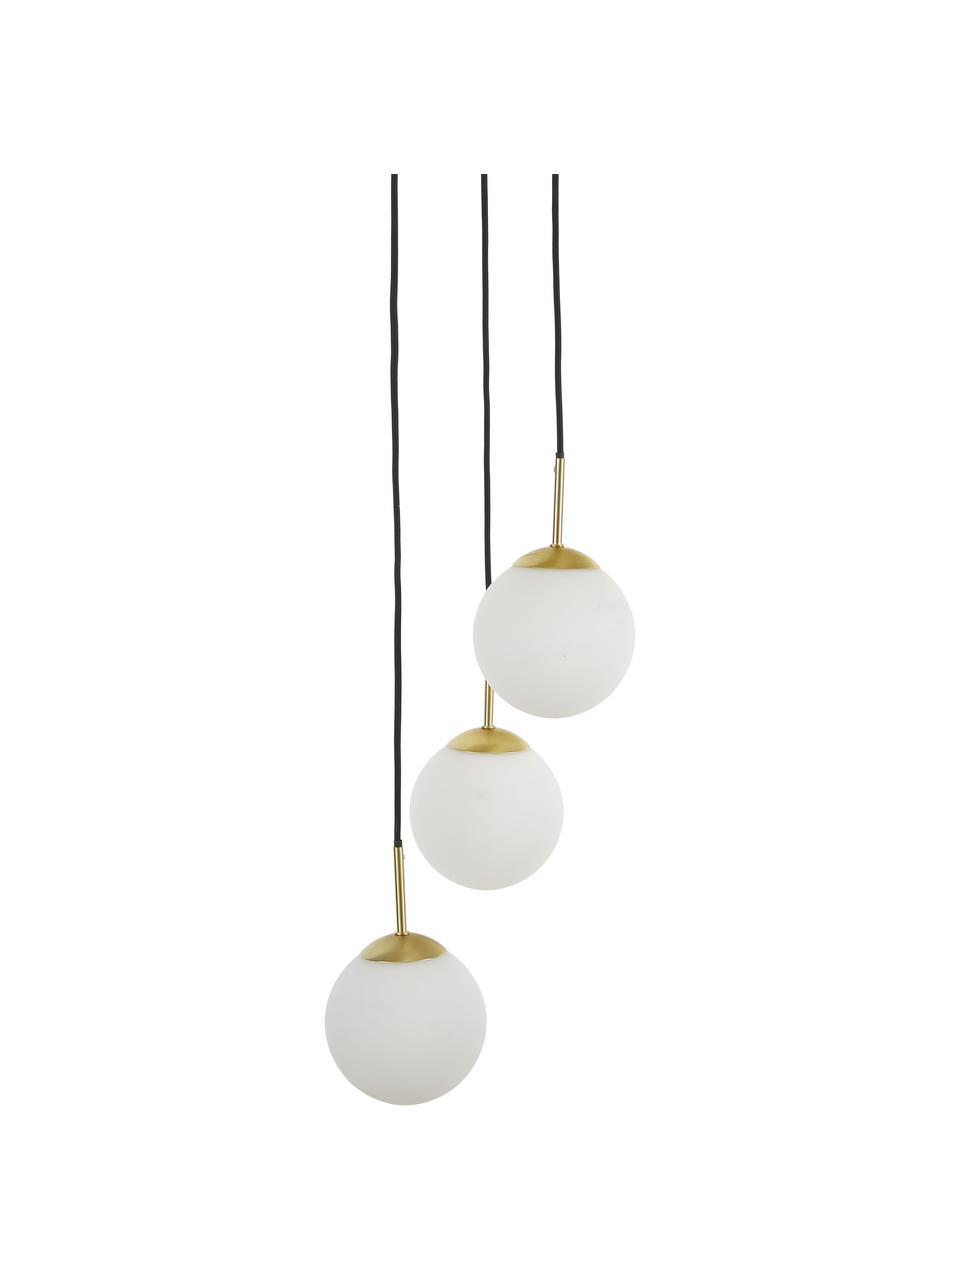 Suspension 3 lampes boules en verre Edie, Blanc, laiton